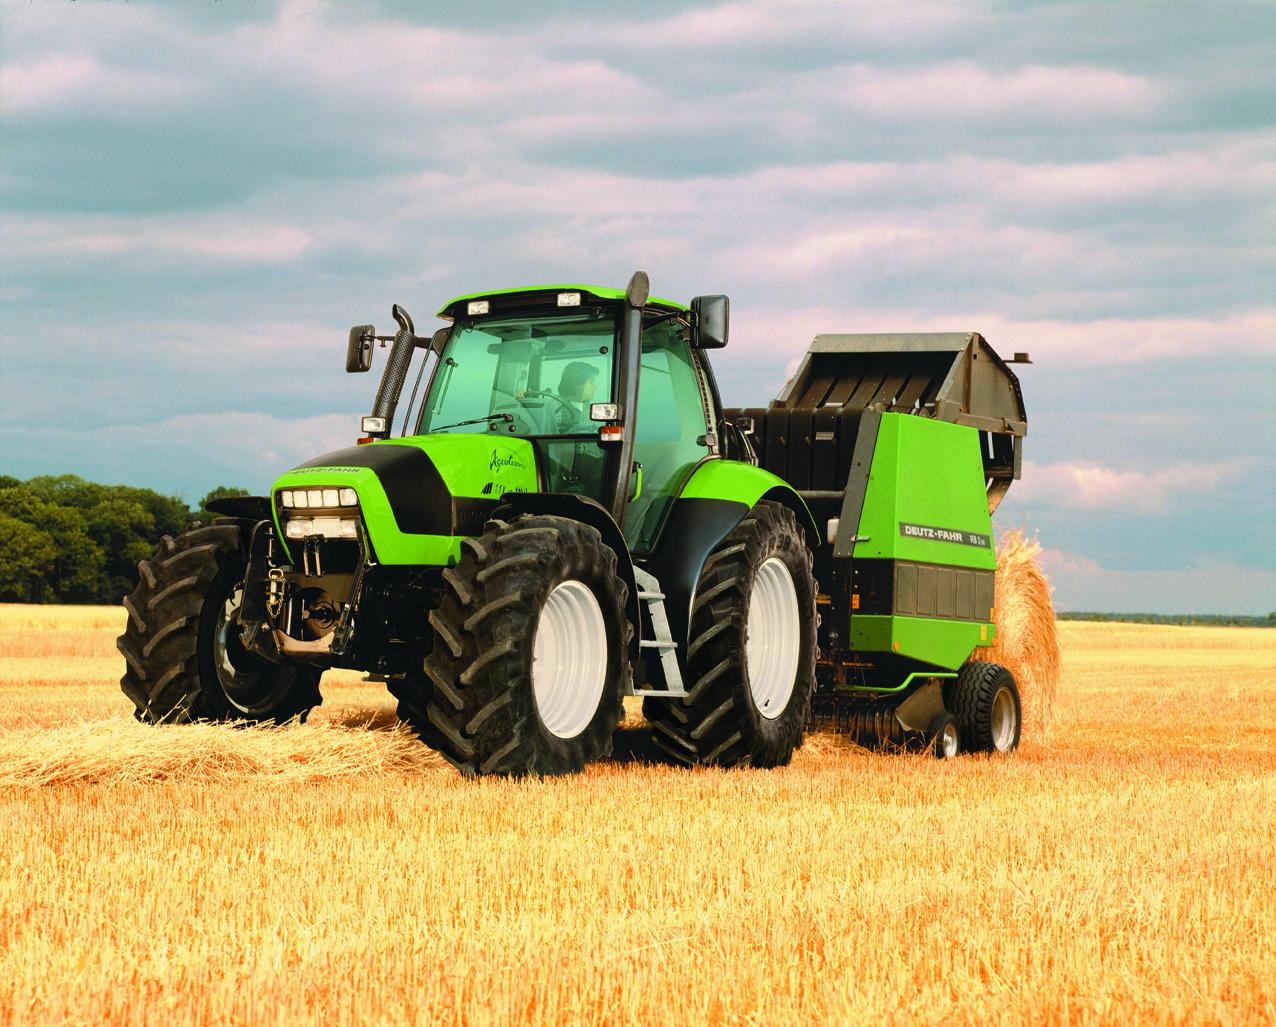 [Deutz-Fahr] trattore Agrotron TTV 1160 al lavoro con rotopressa